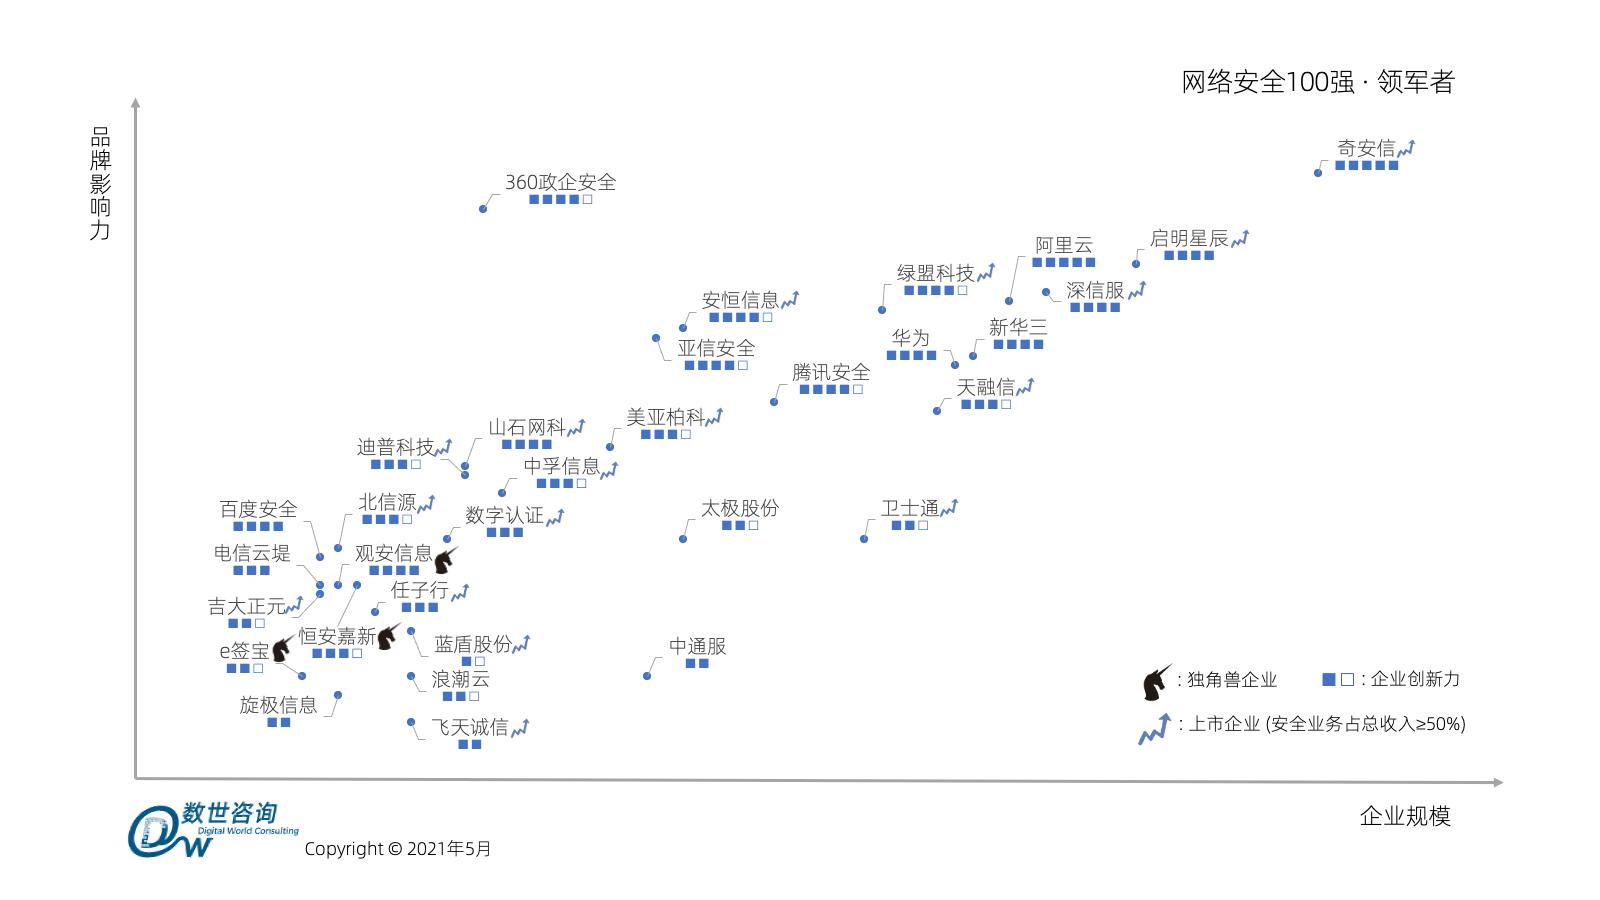 筑泰防务入选2021《中国网络安全百强报告》!